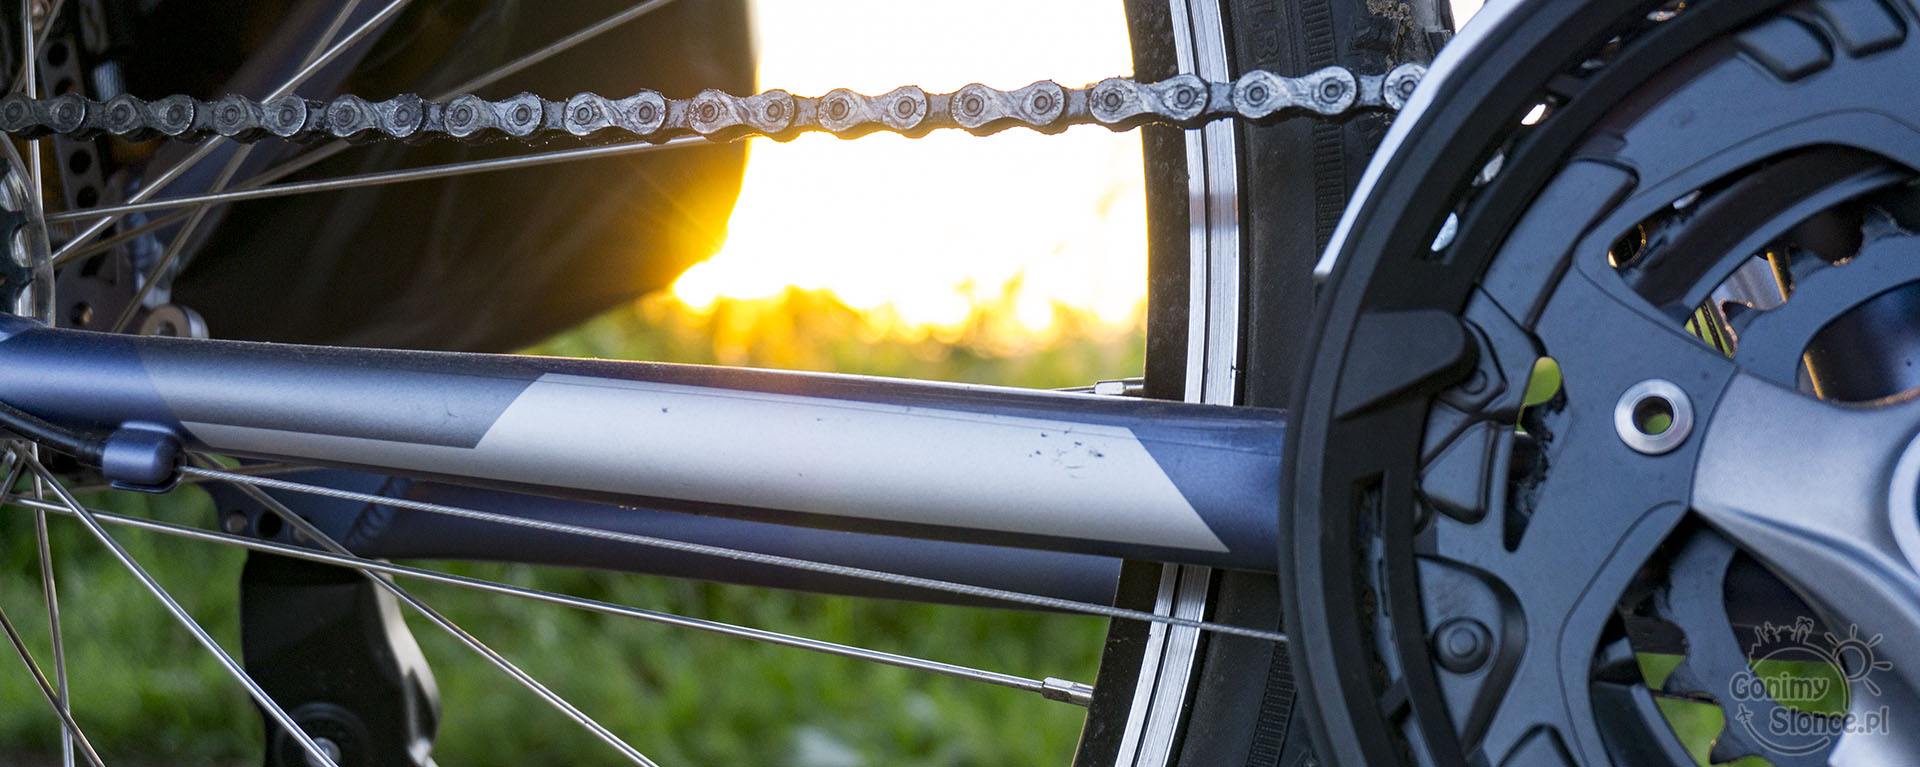 sprzęt na wyprawy rowerowe z sakwami i wycieczki rowerowe po Polsce